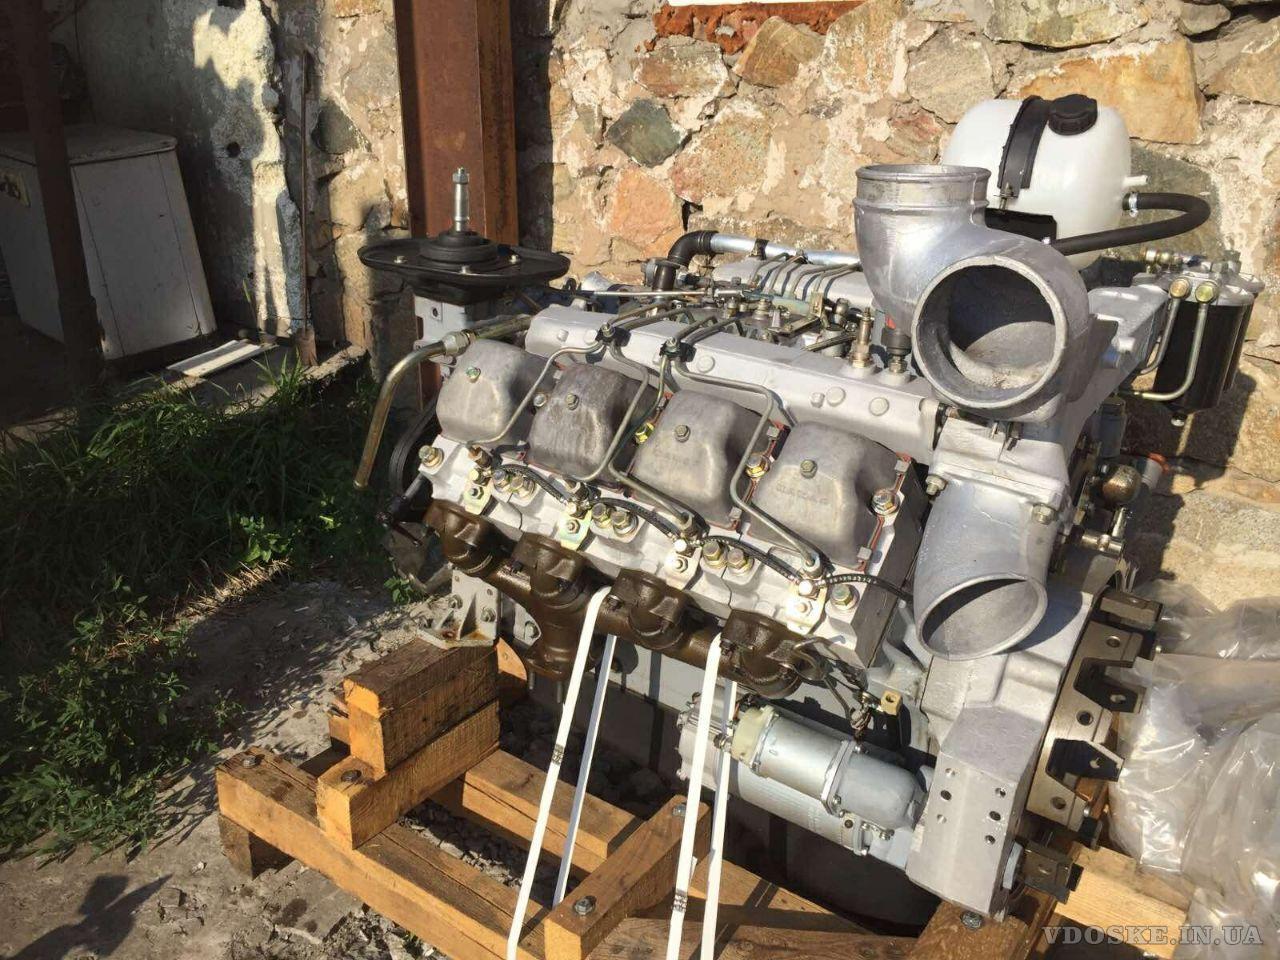 Продается двигатели КПП, ГМП на спецтехнику. (3)